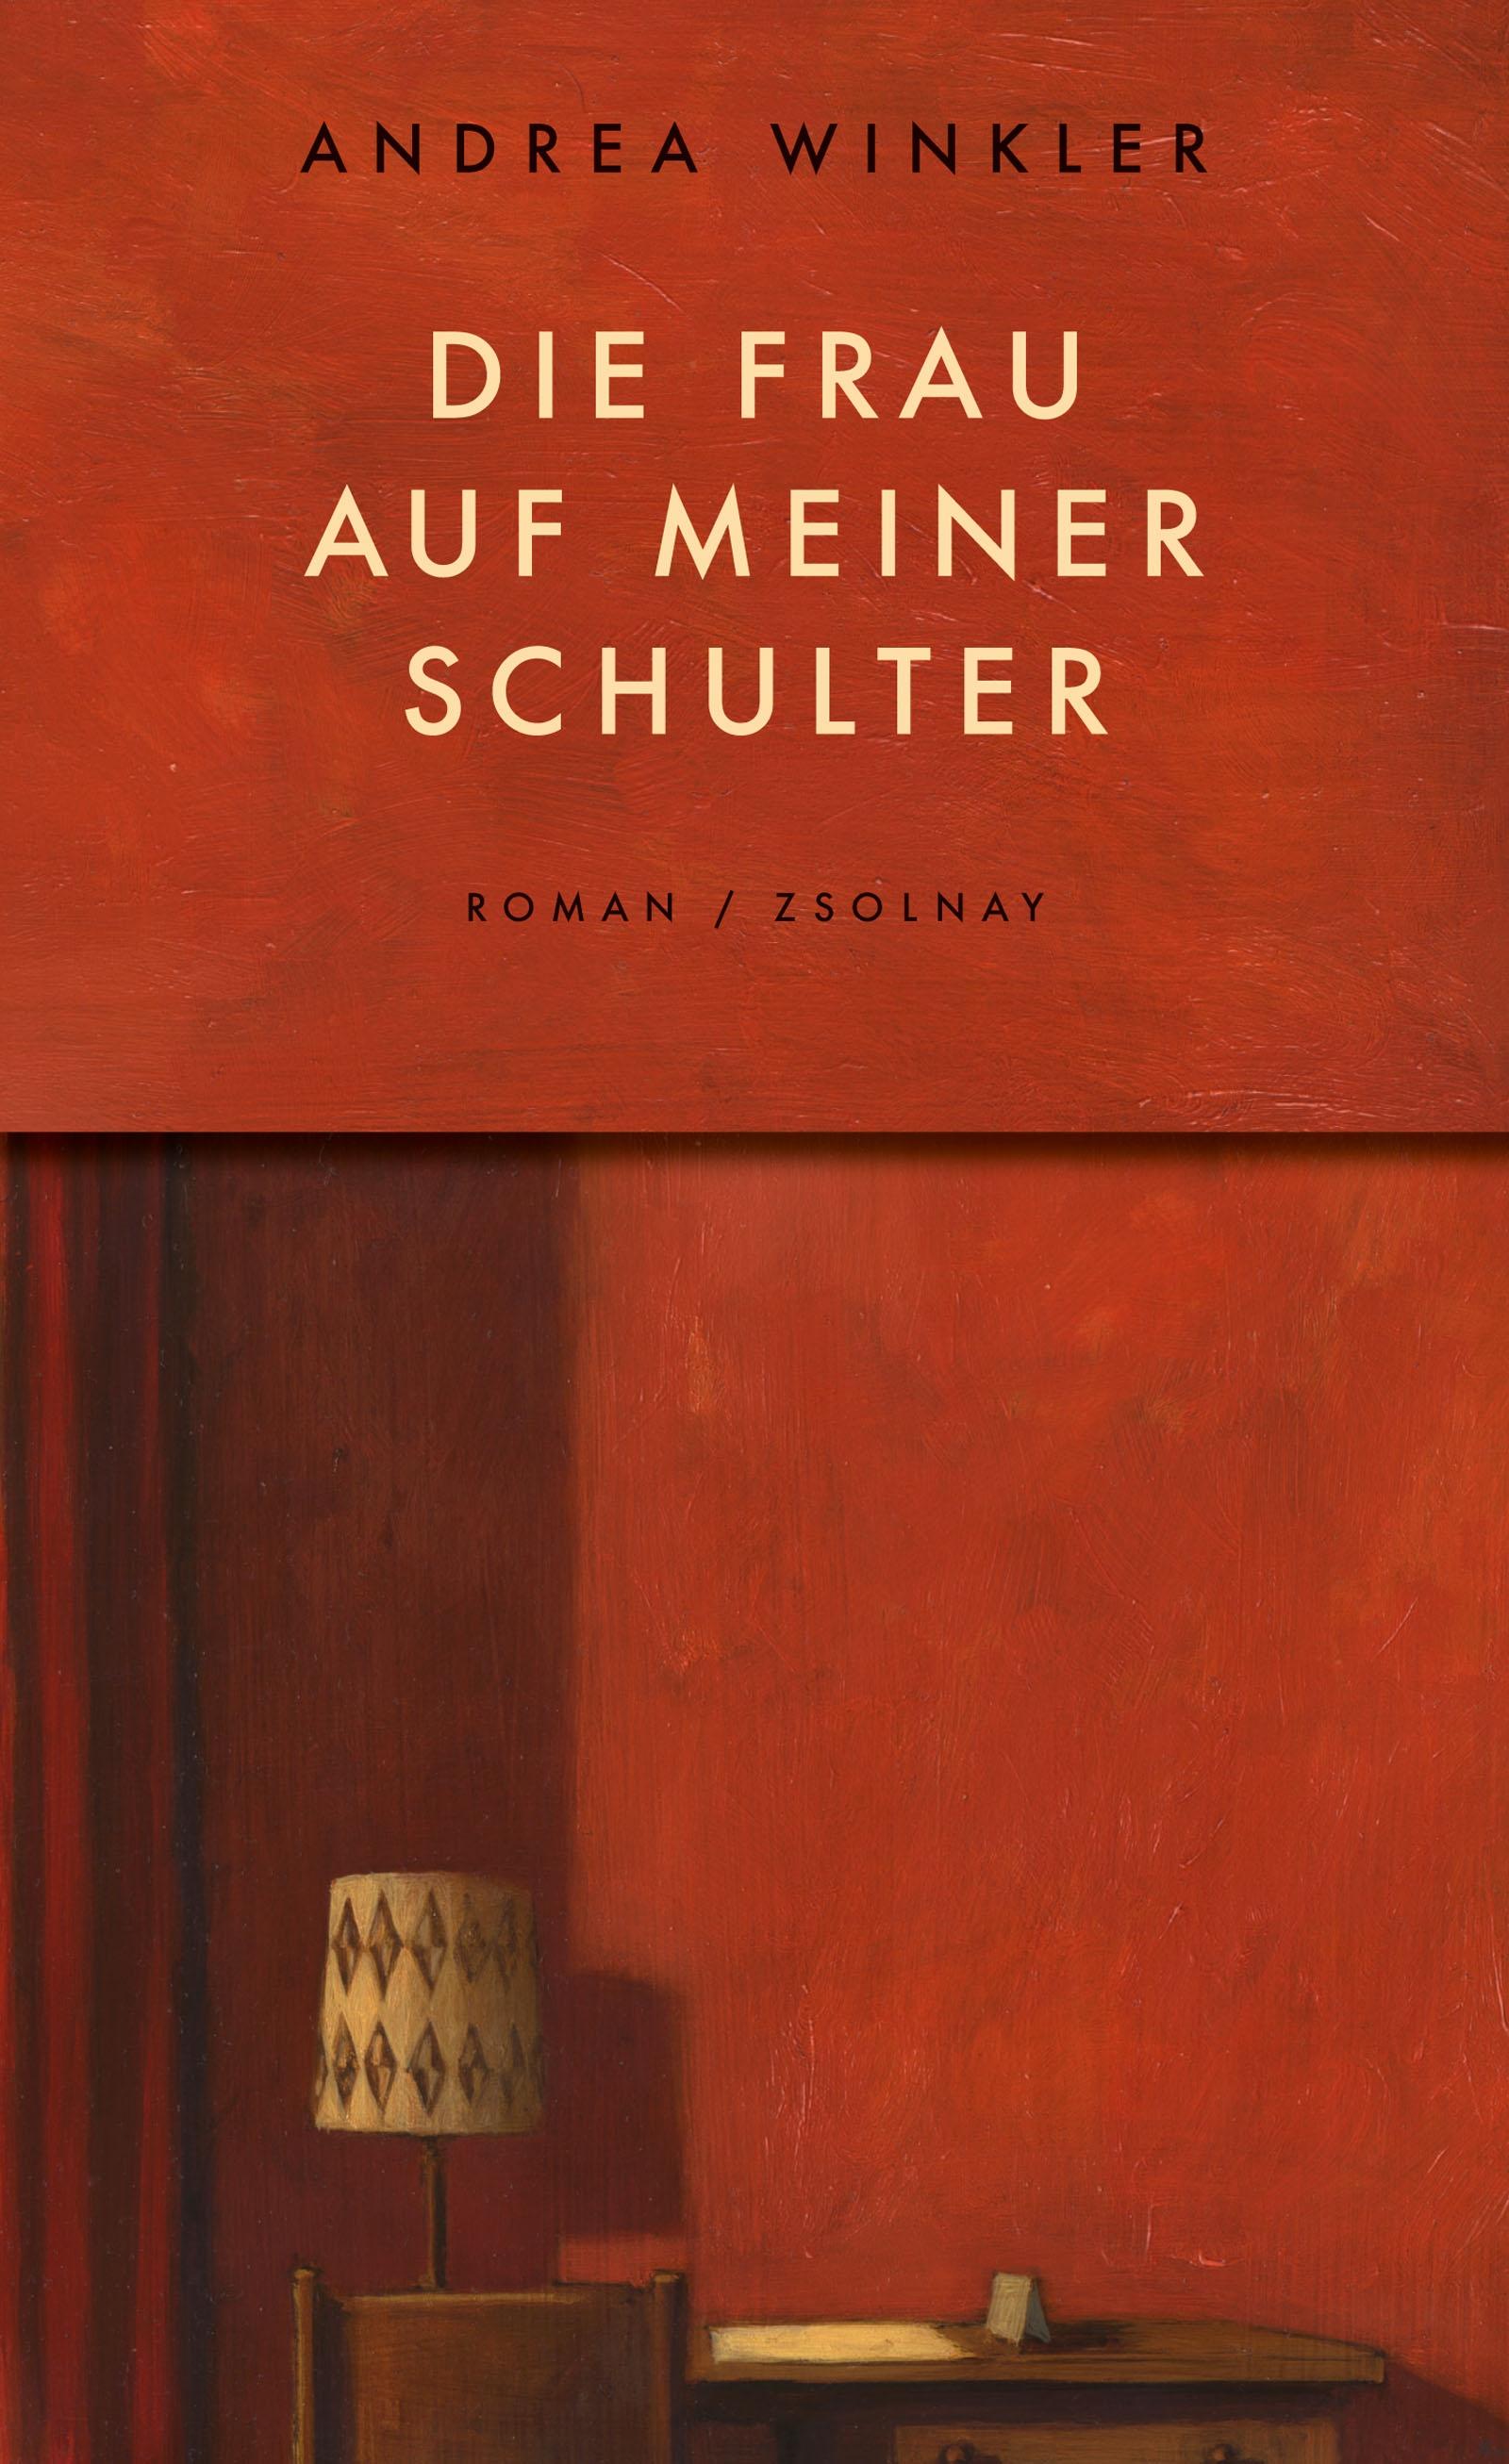 https://www.hanser-literaturverlage.de/buch/die-frau-auf-meiner-schulter/978-3-552-05904-7/